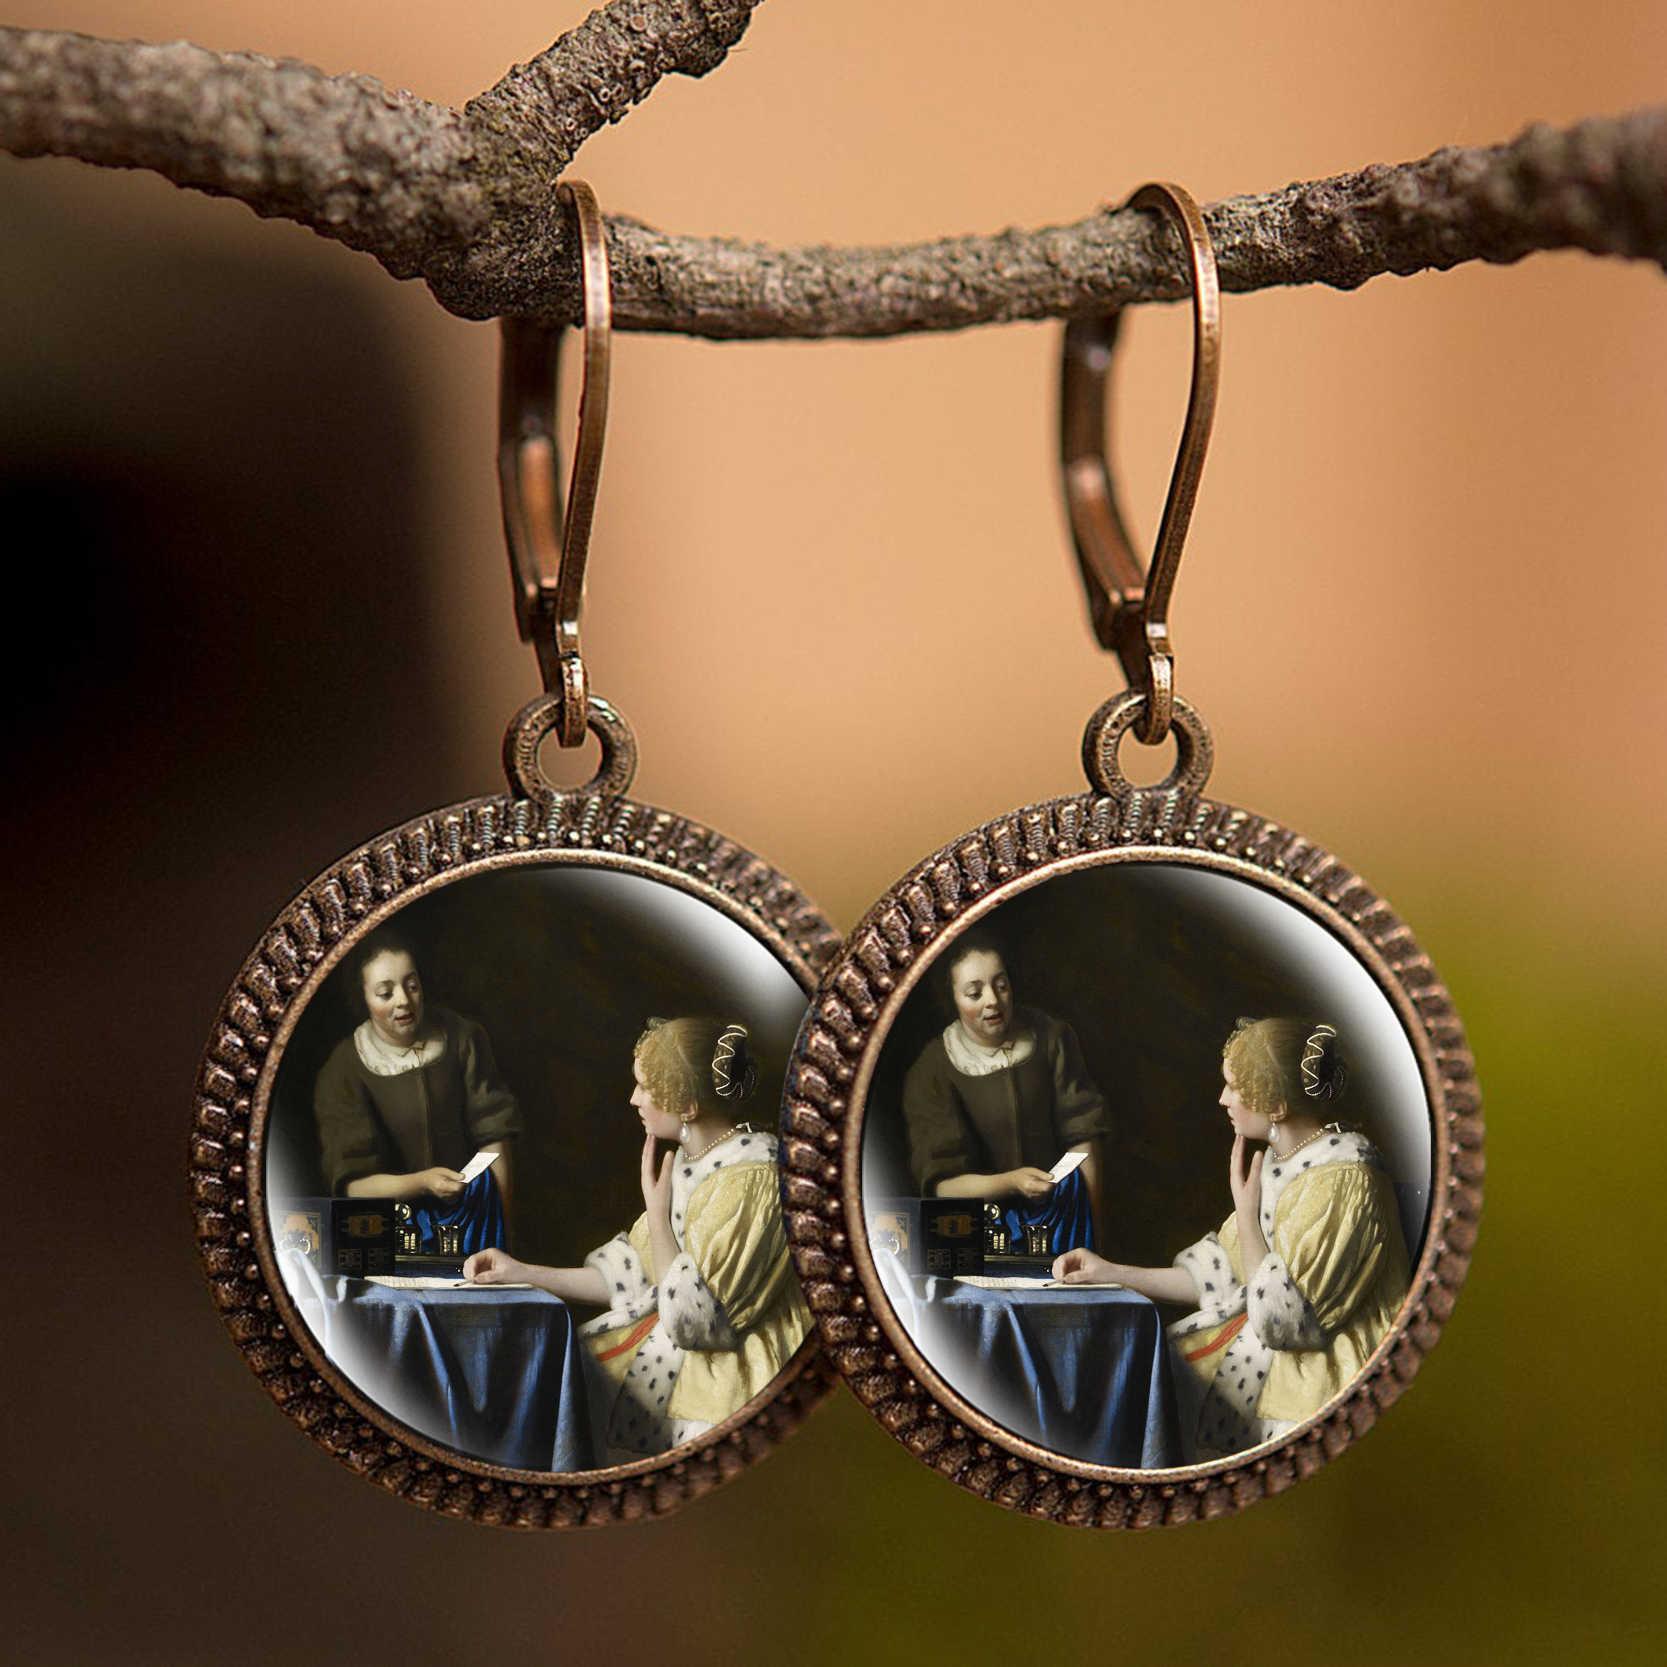 Kiz Giyen Inci Johannes Vermeer Sanat Boyama Kupe Retro Bildirimi